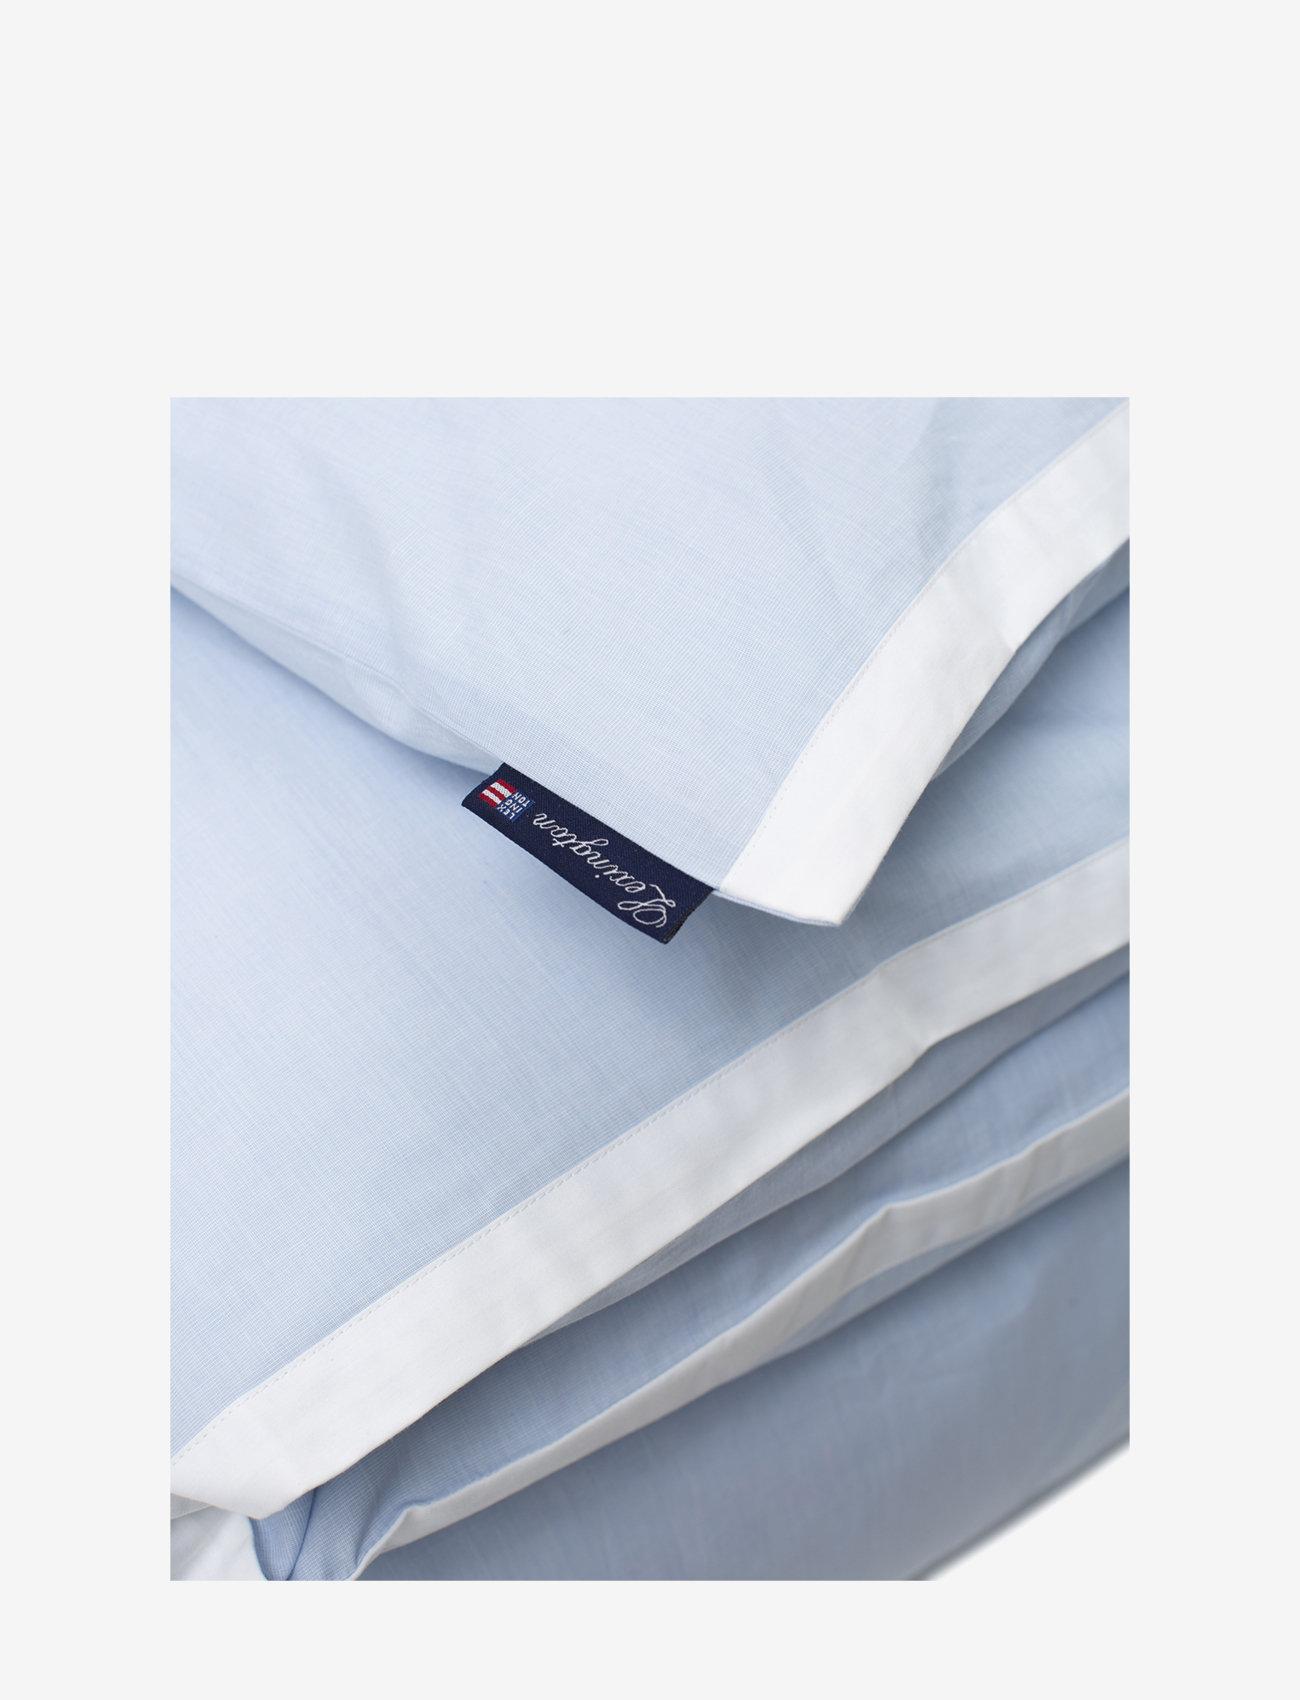 Lexington Home - Blue/White Contrast Cotton Chambray Duvet Cover - duvet covers - blue/white - 1